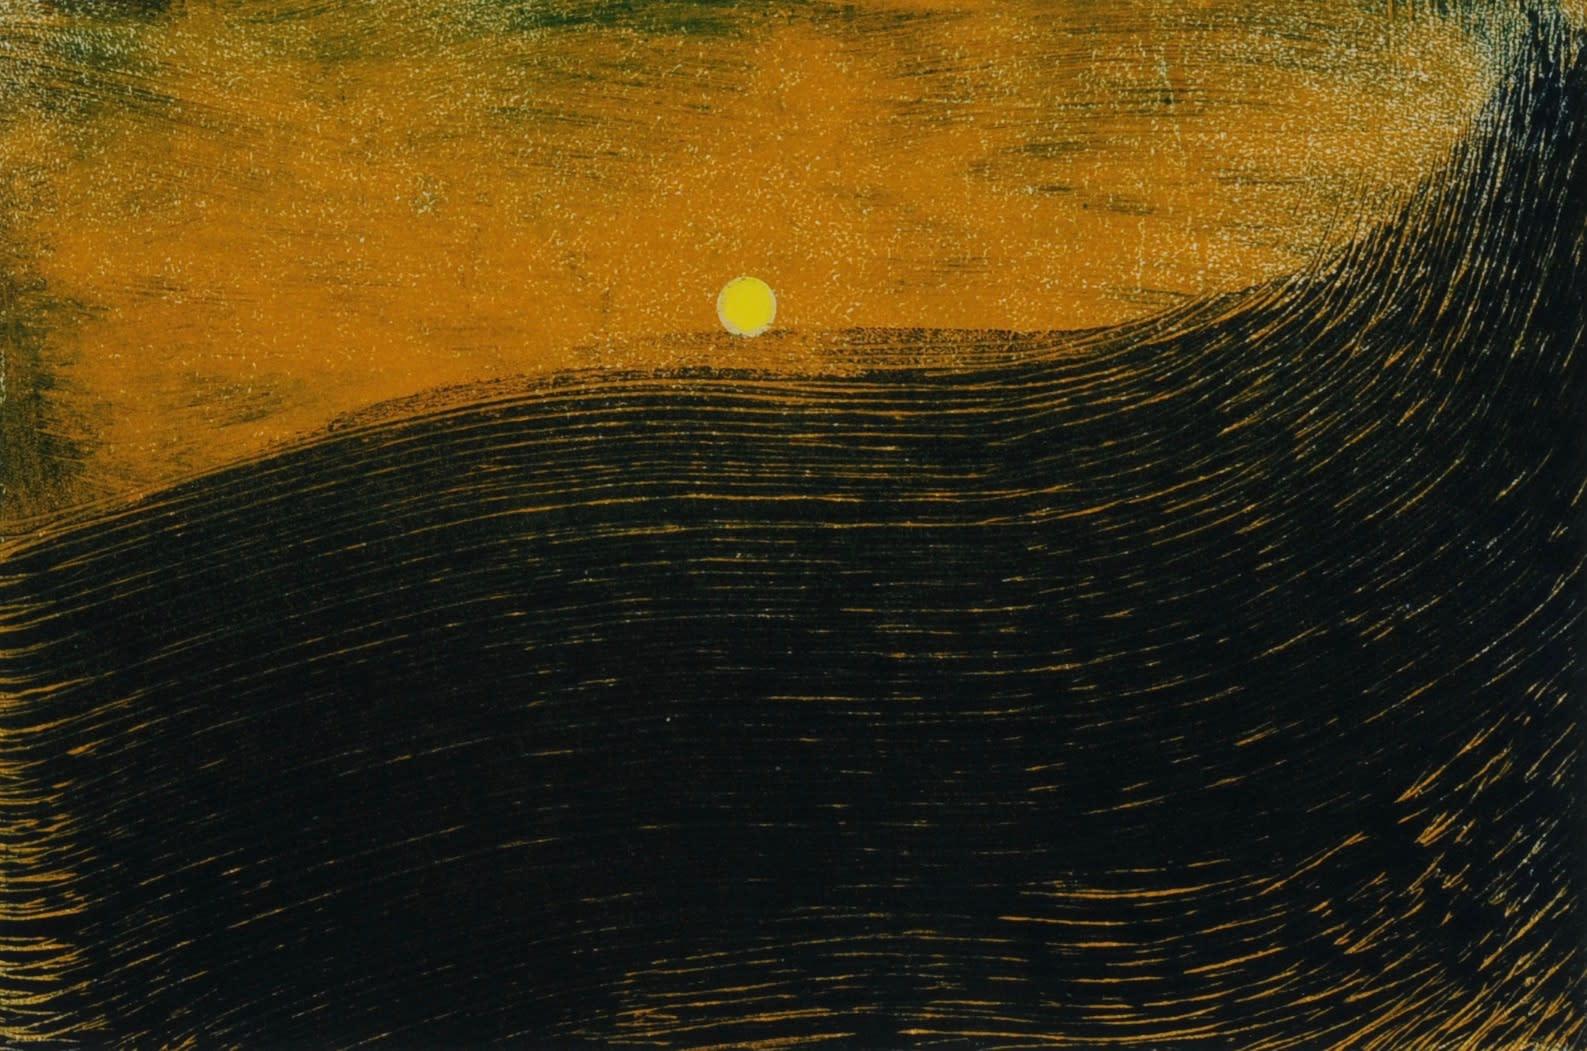 Nigel Swift, Waves Under the Sun, 2020